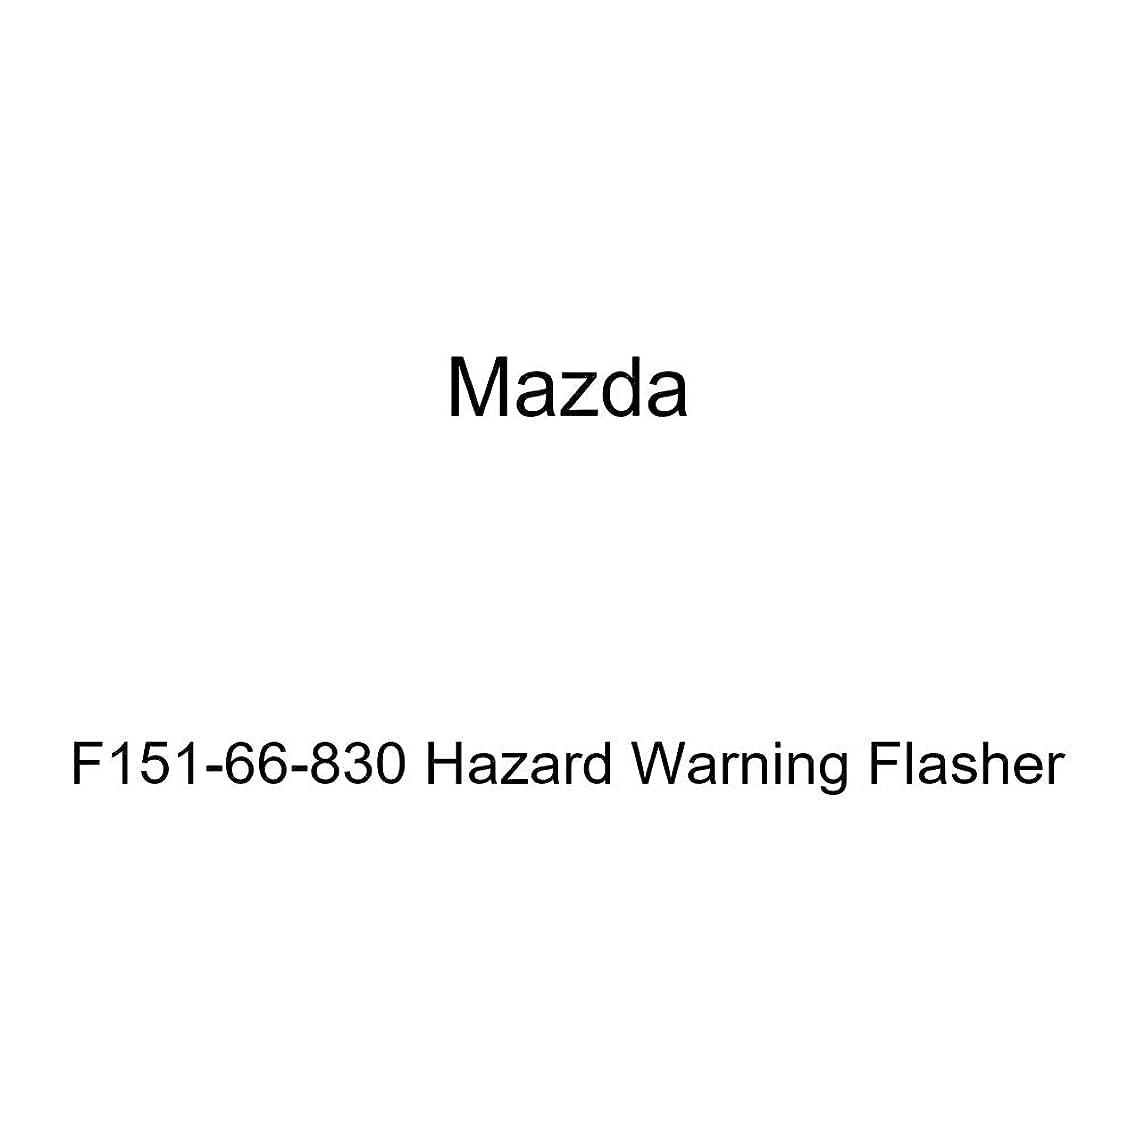 Mazda F151-66-830 Hazard Warning Flasher